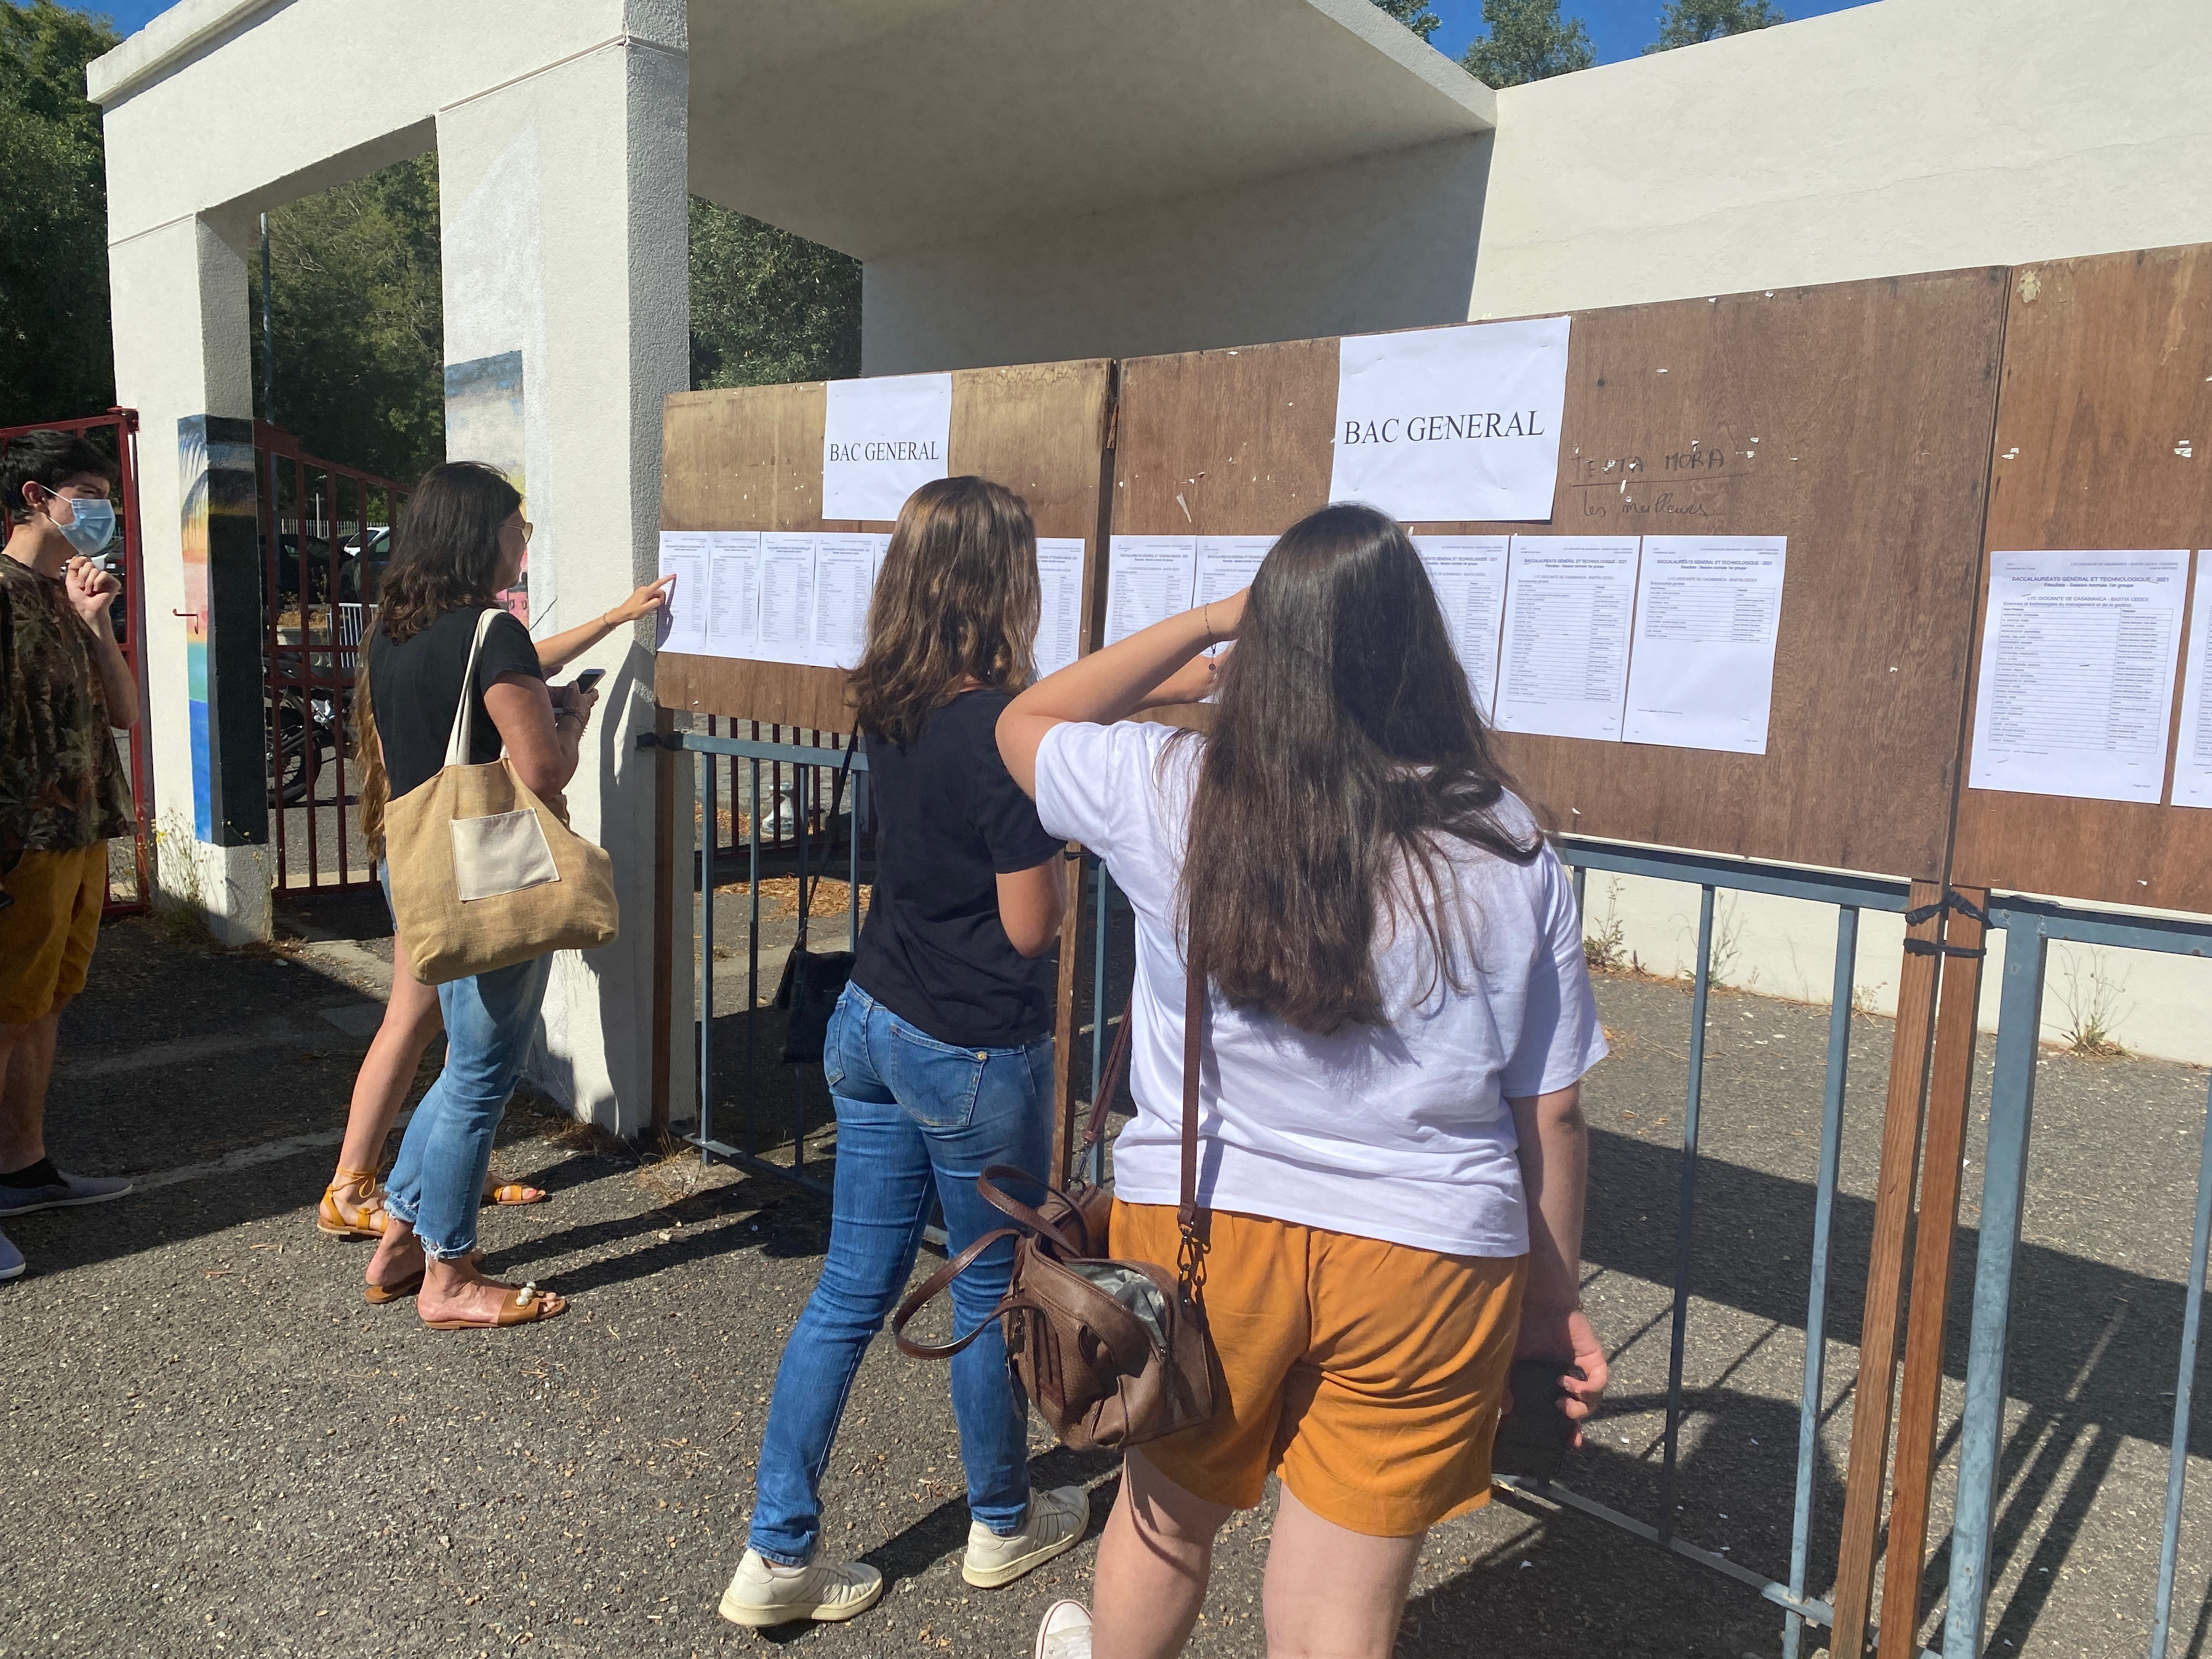 Ce lundi 6 juillet, les élèves sont restés chez eux et ne se sont pas rendus dans leur établissement pour voir les résultats du Bac 2021